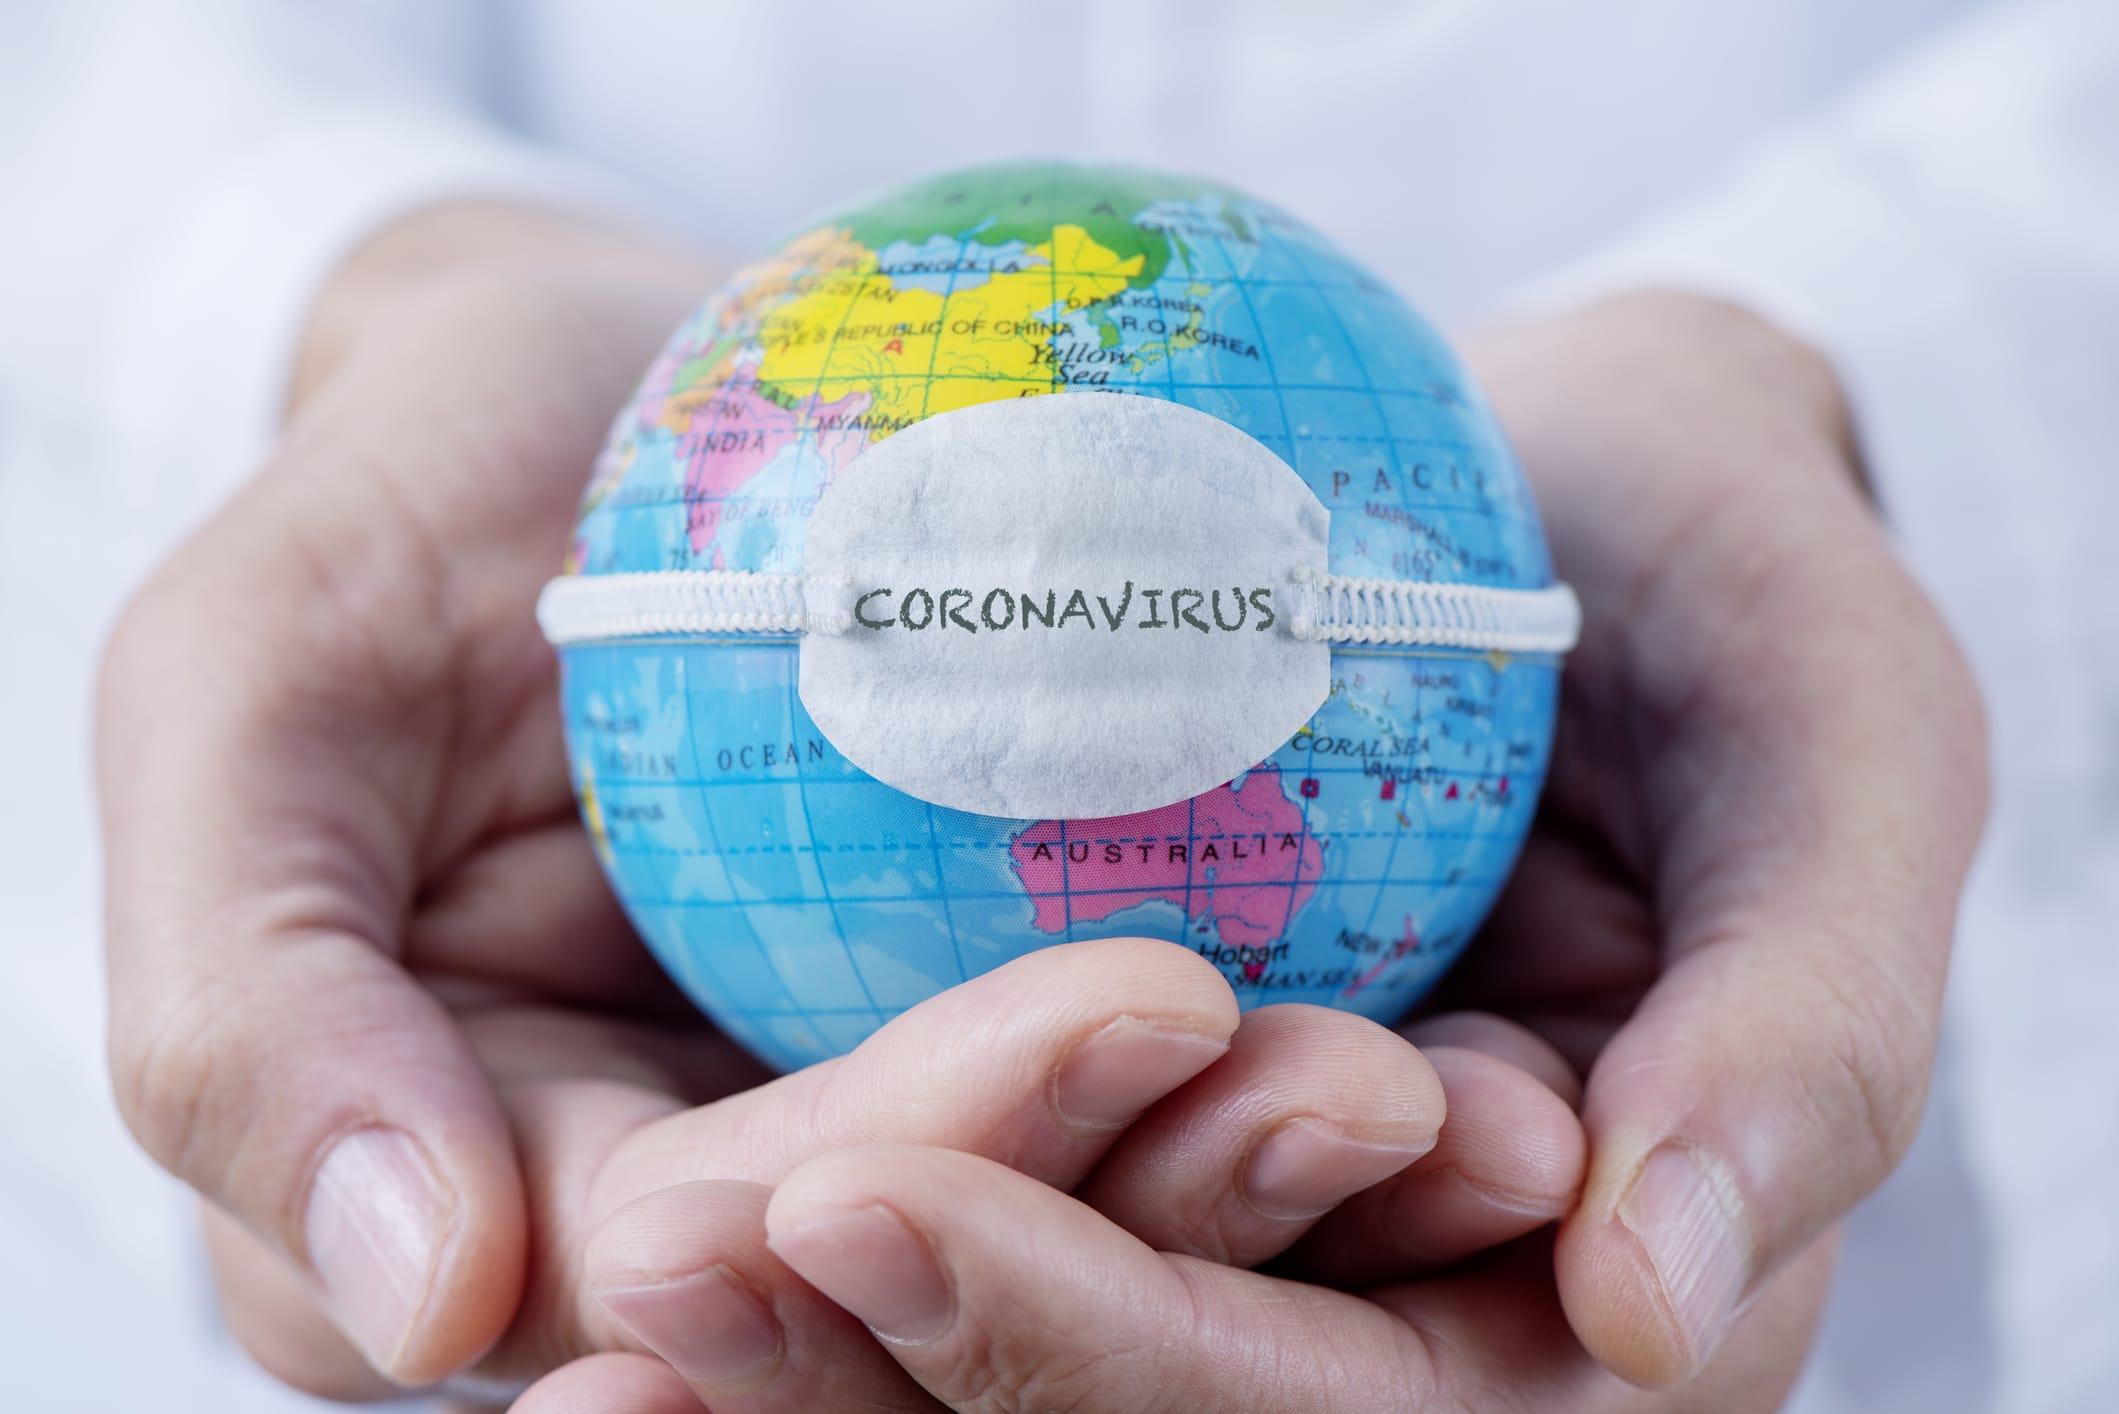 person holding coronavirus globe